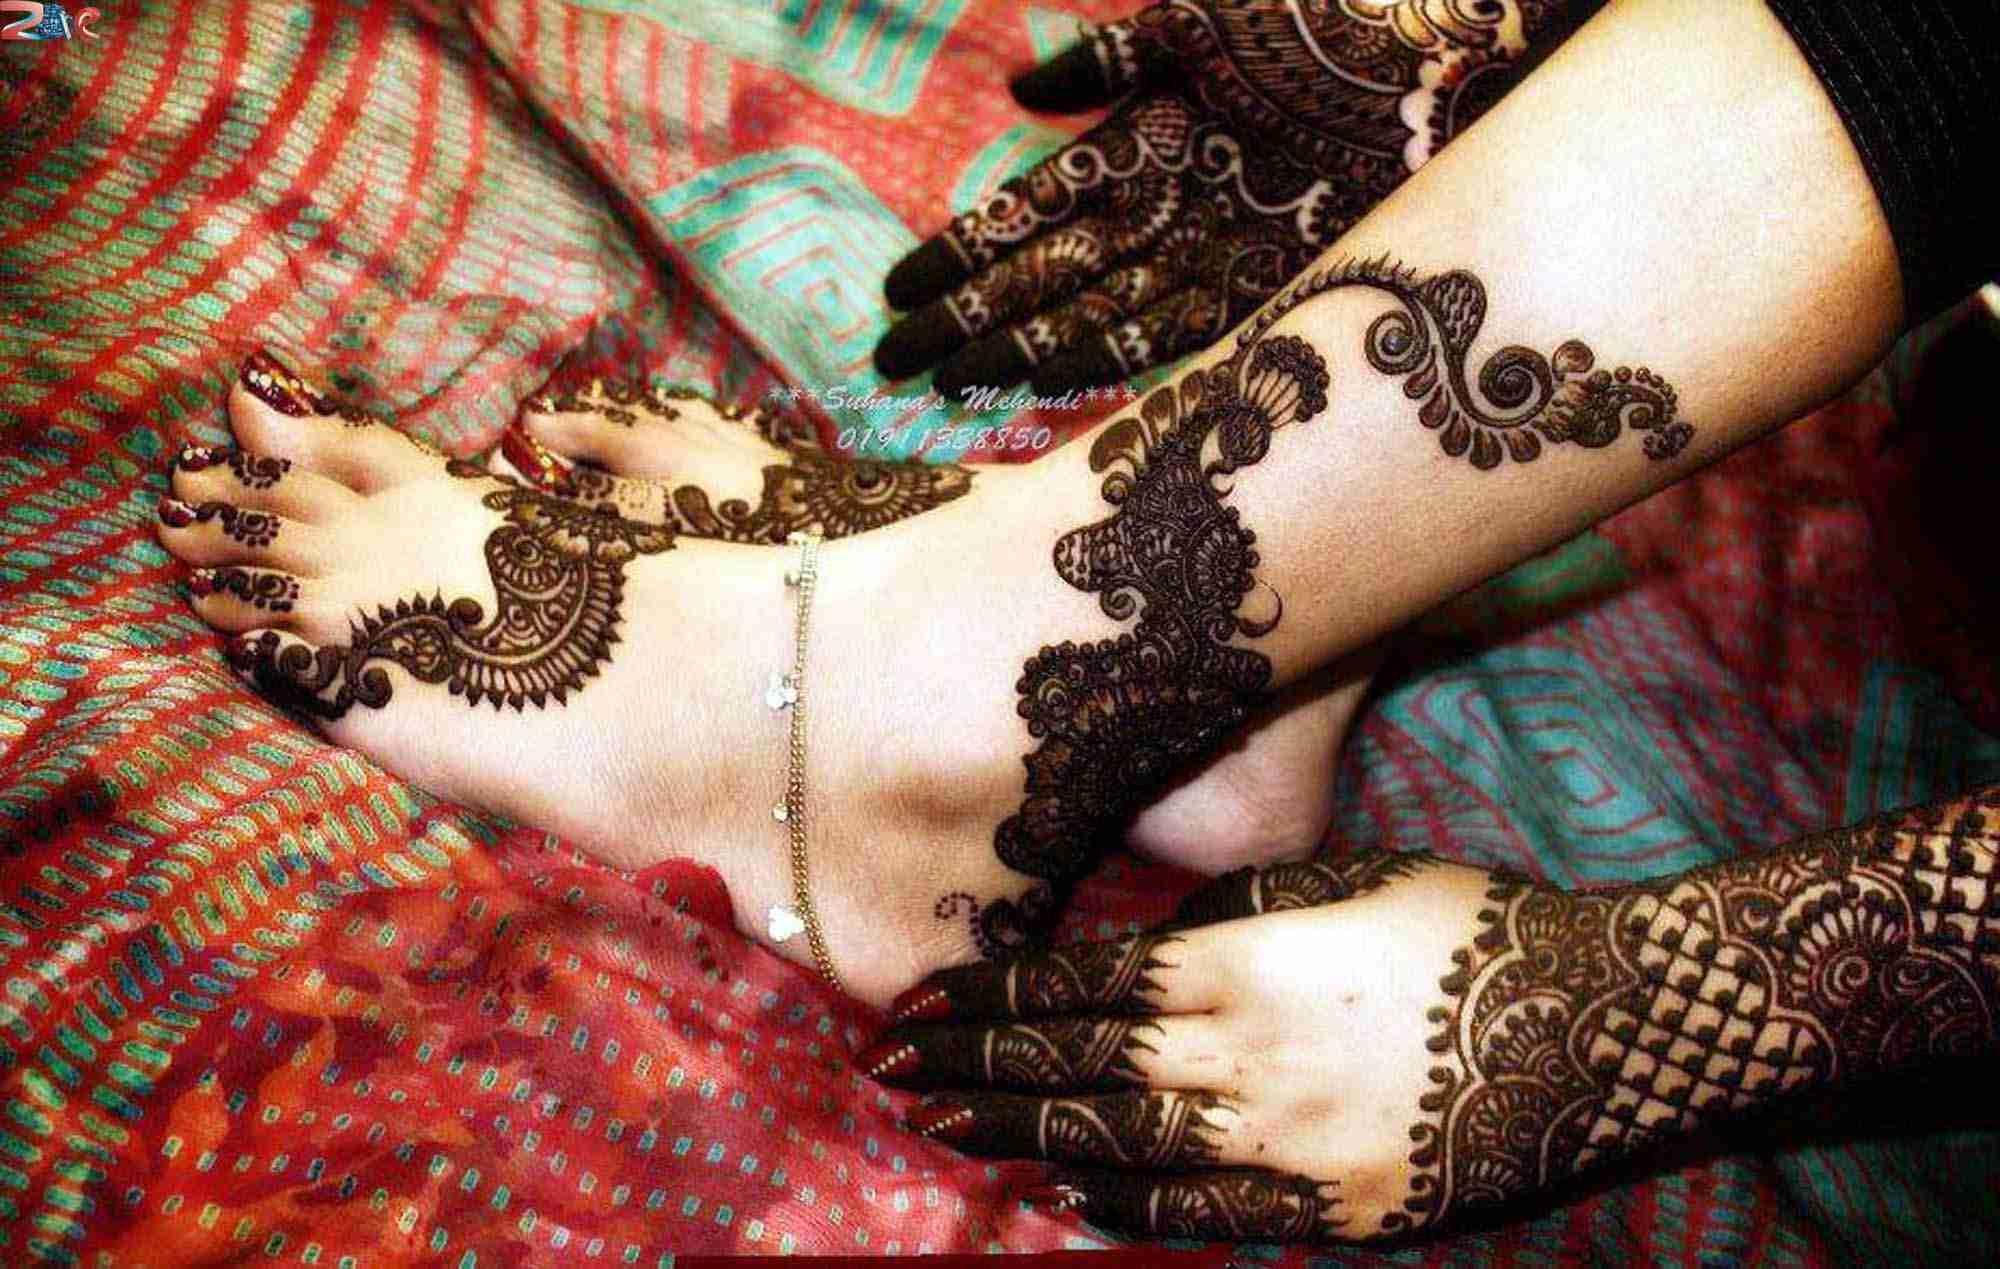 Mehndi Design Leg And Hand : Image result for arabic mehendi legs